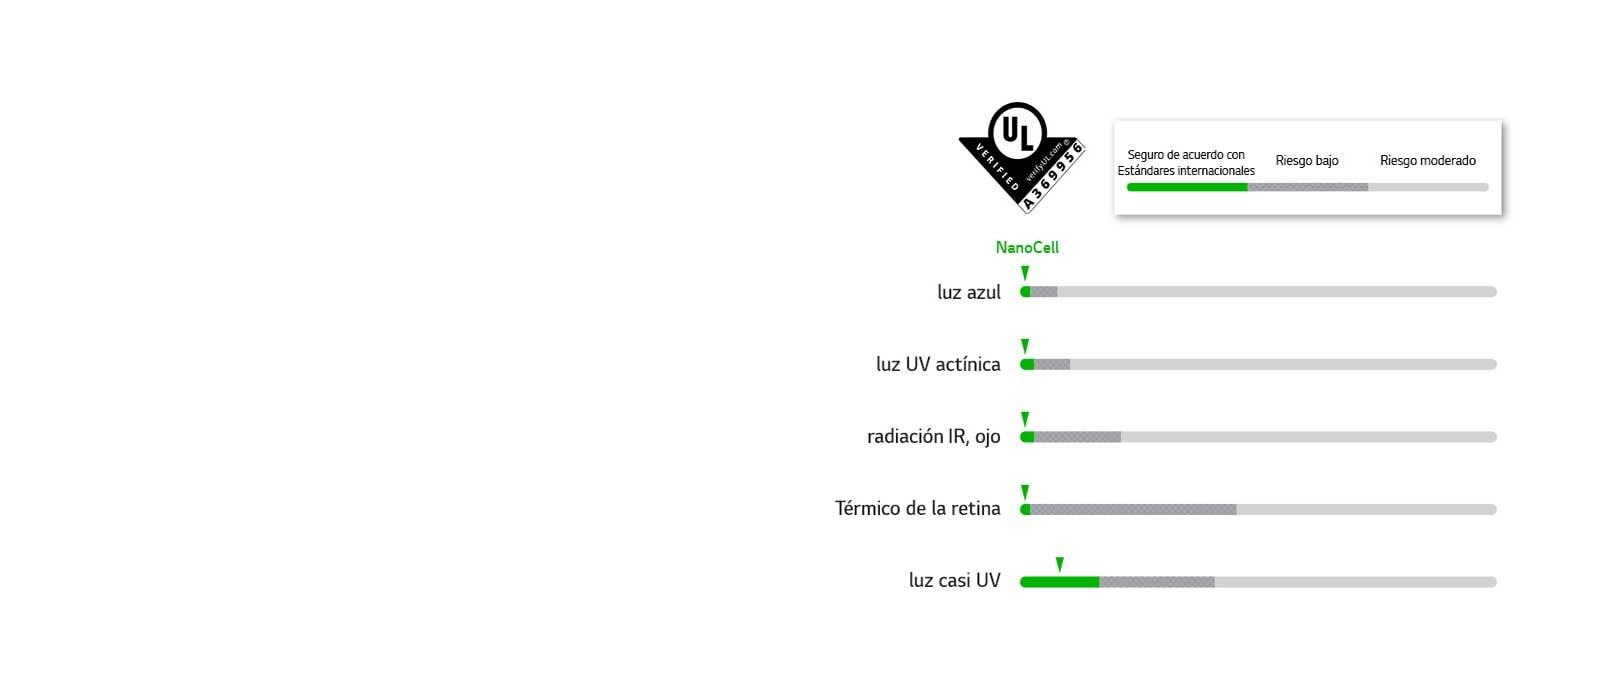 Gráficos que pasaron los estándares de seguridad en 5 LED